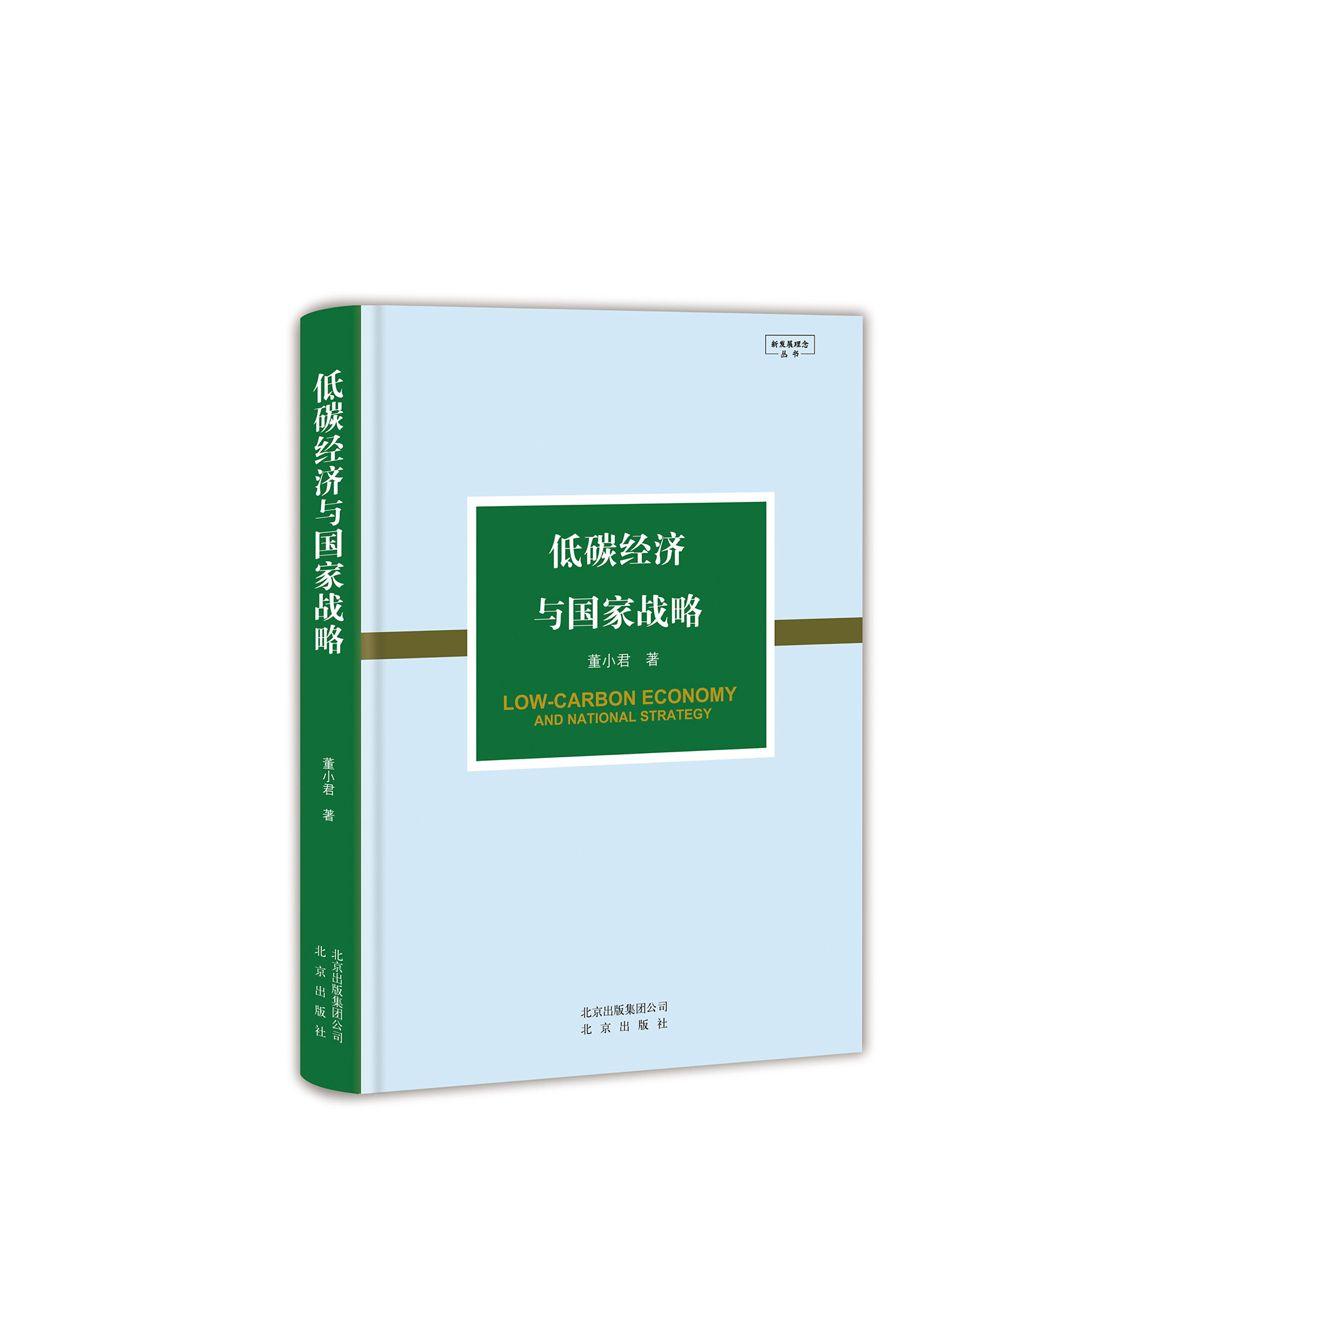 新发展理念丛书(4册)